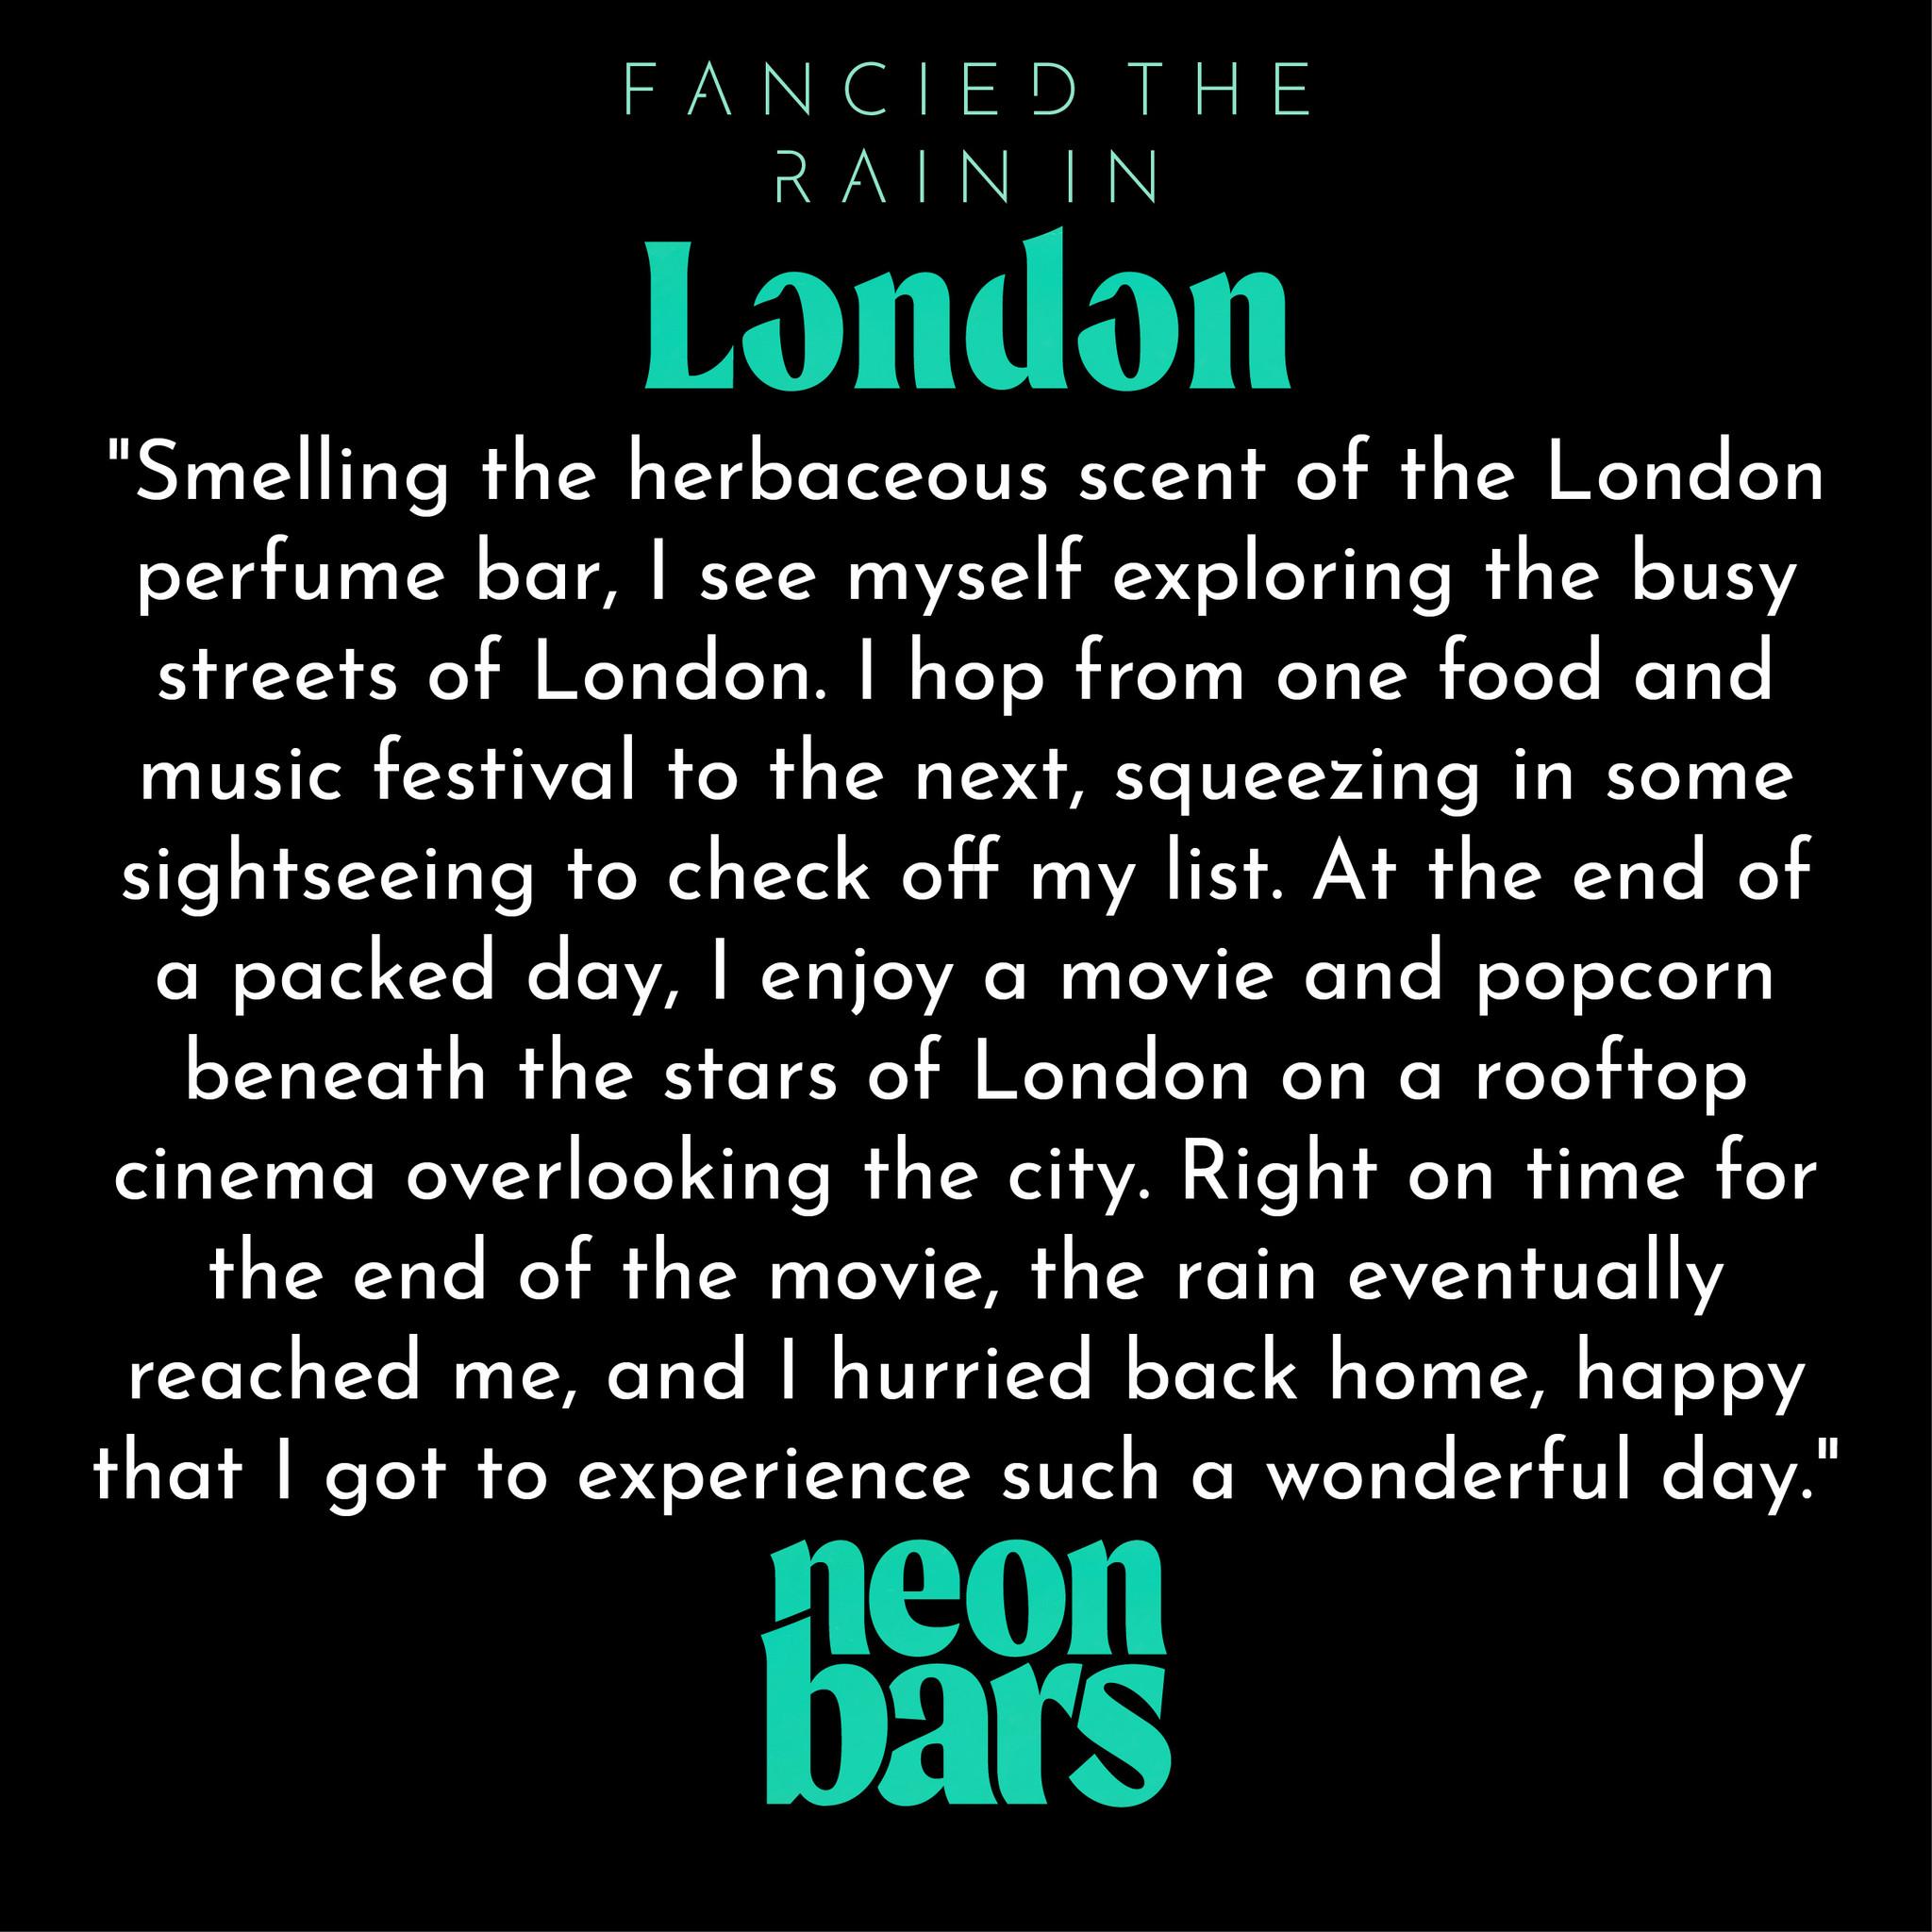 fancied the rain in London